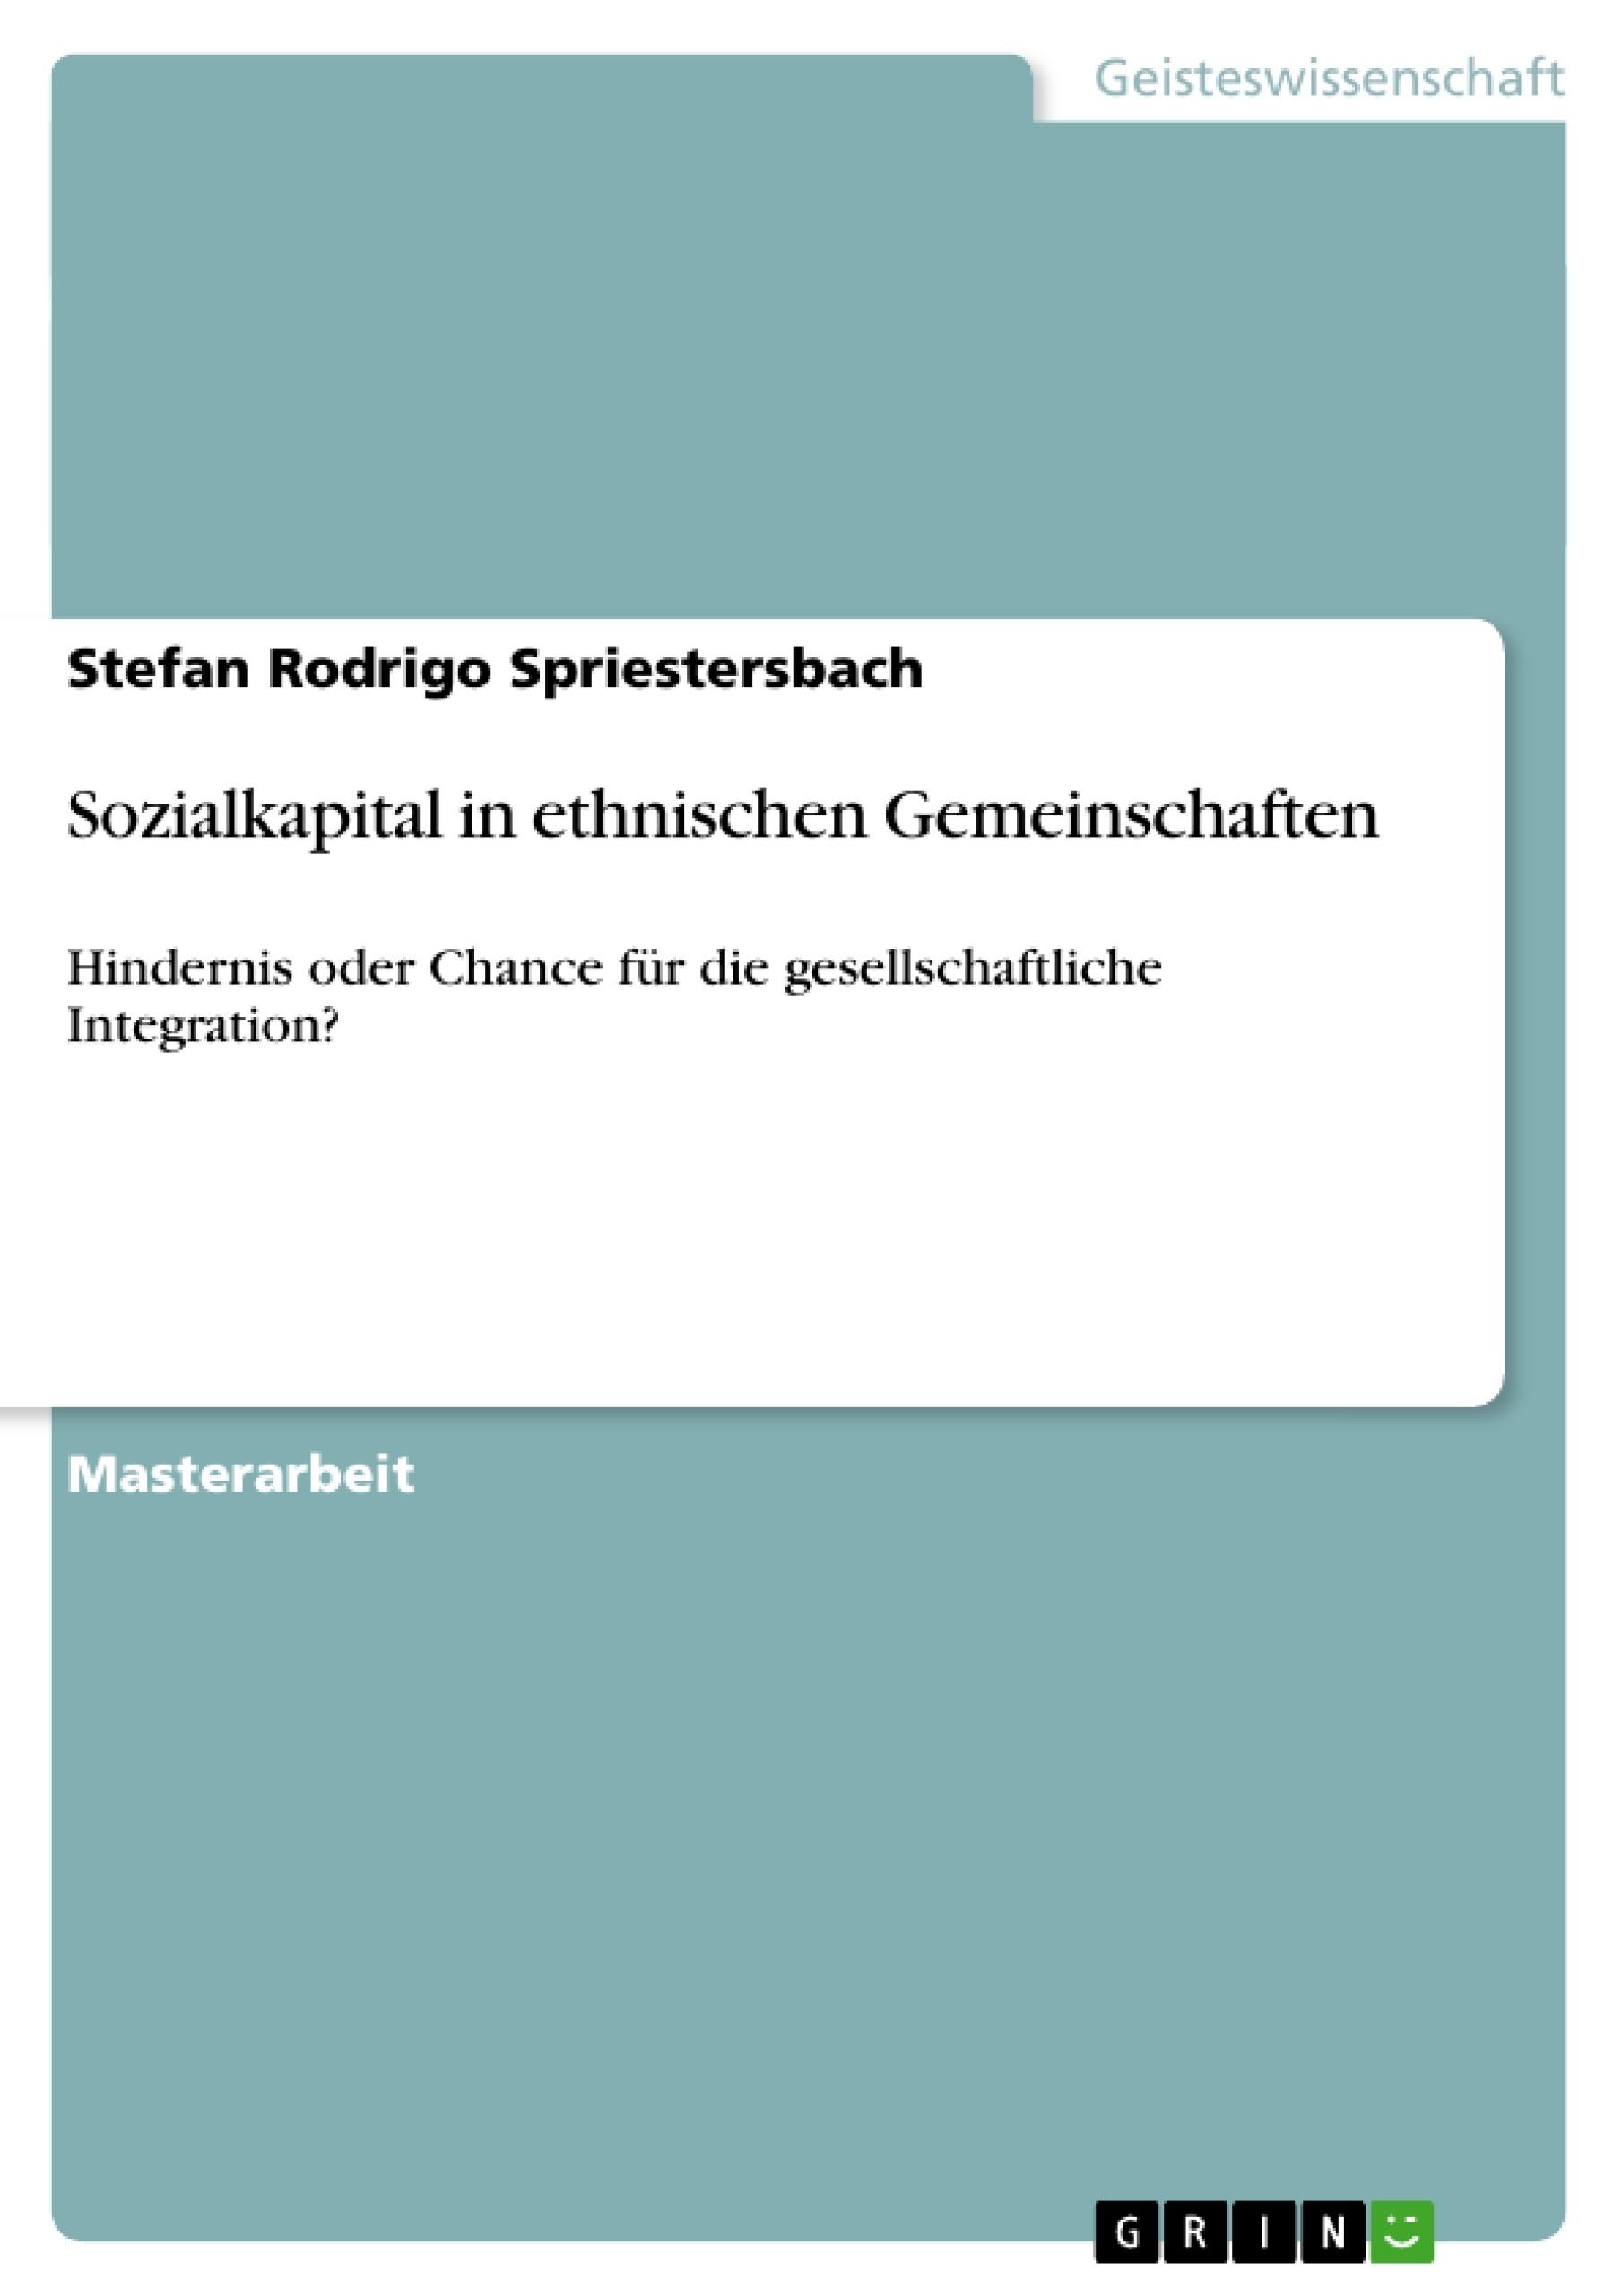 Titel: Sozialkapital in ethnischen Gemeinschaften